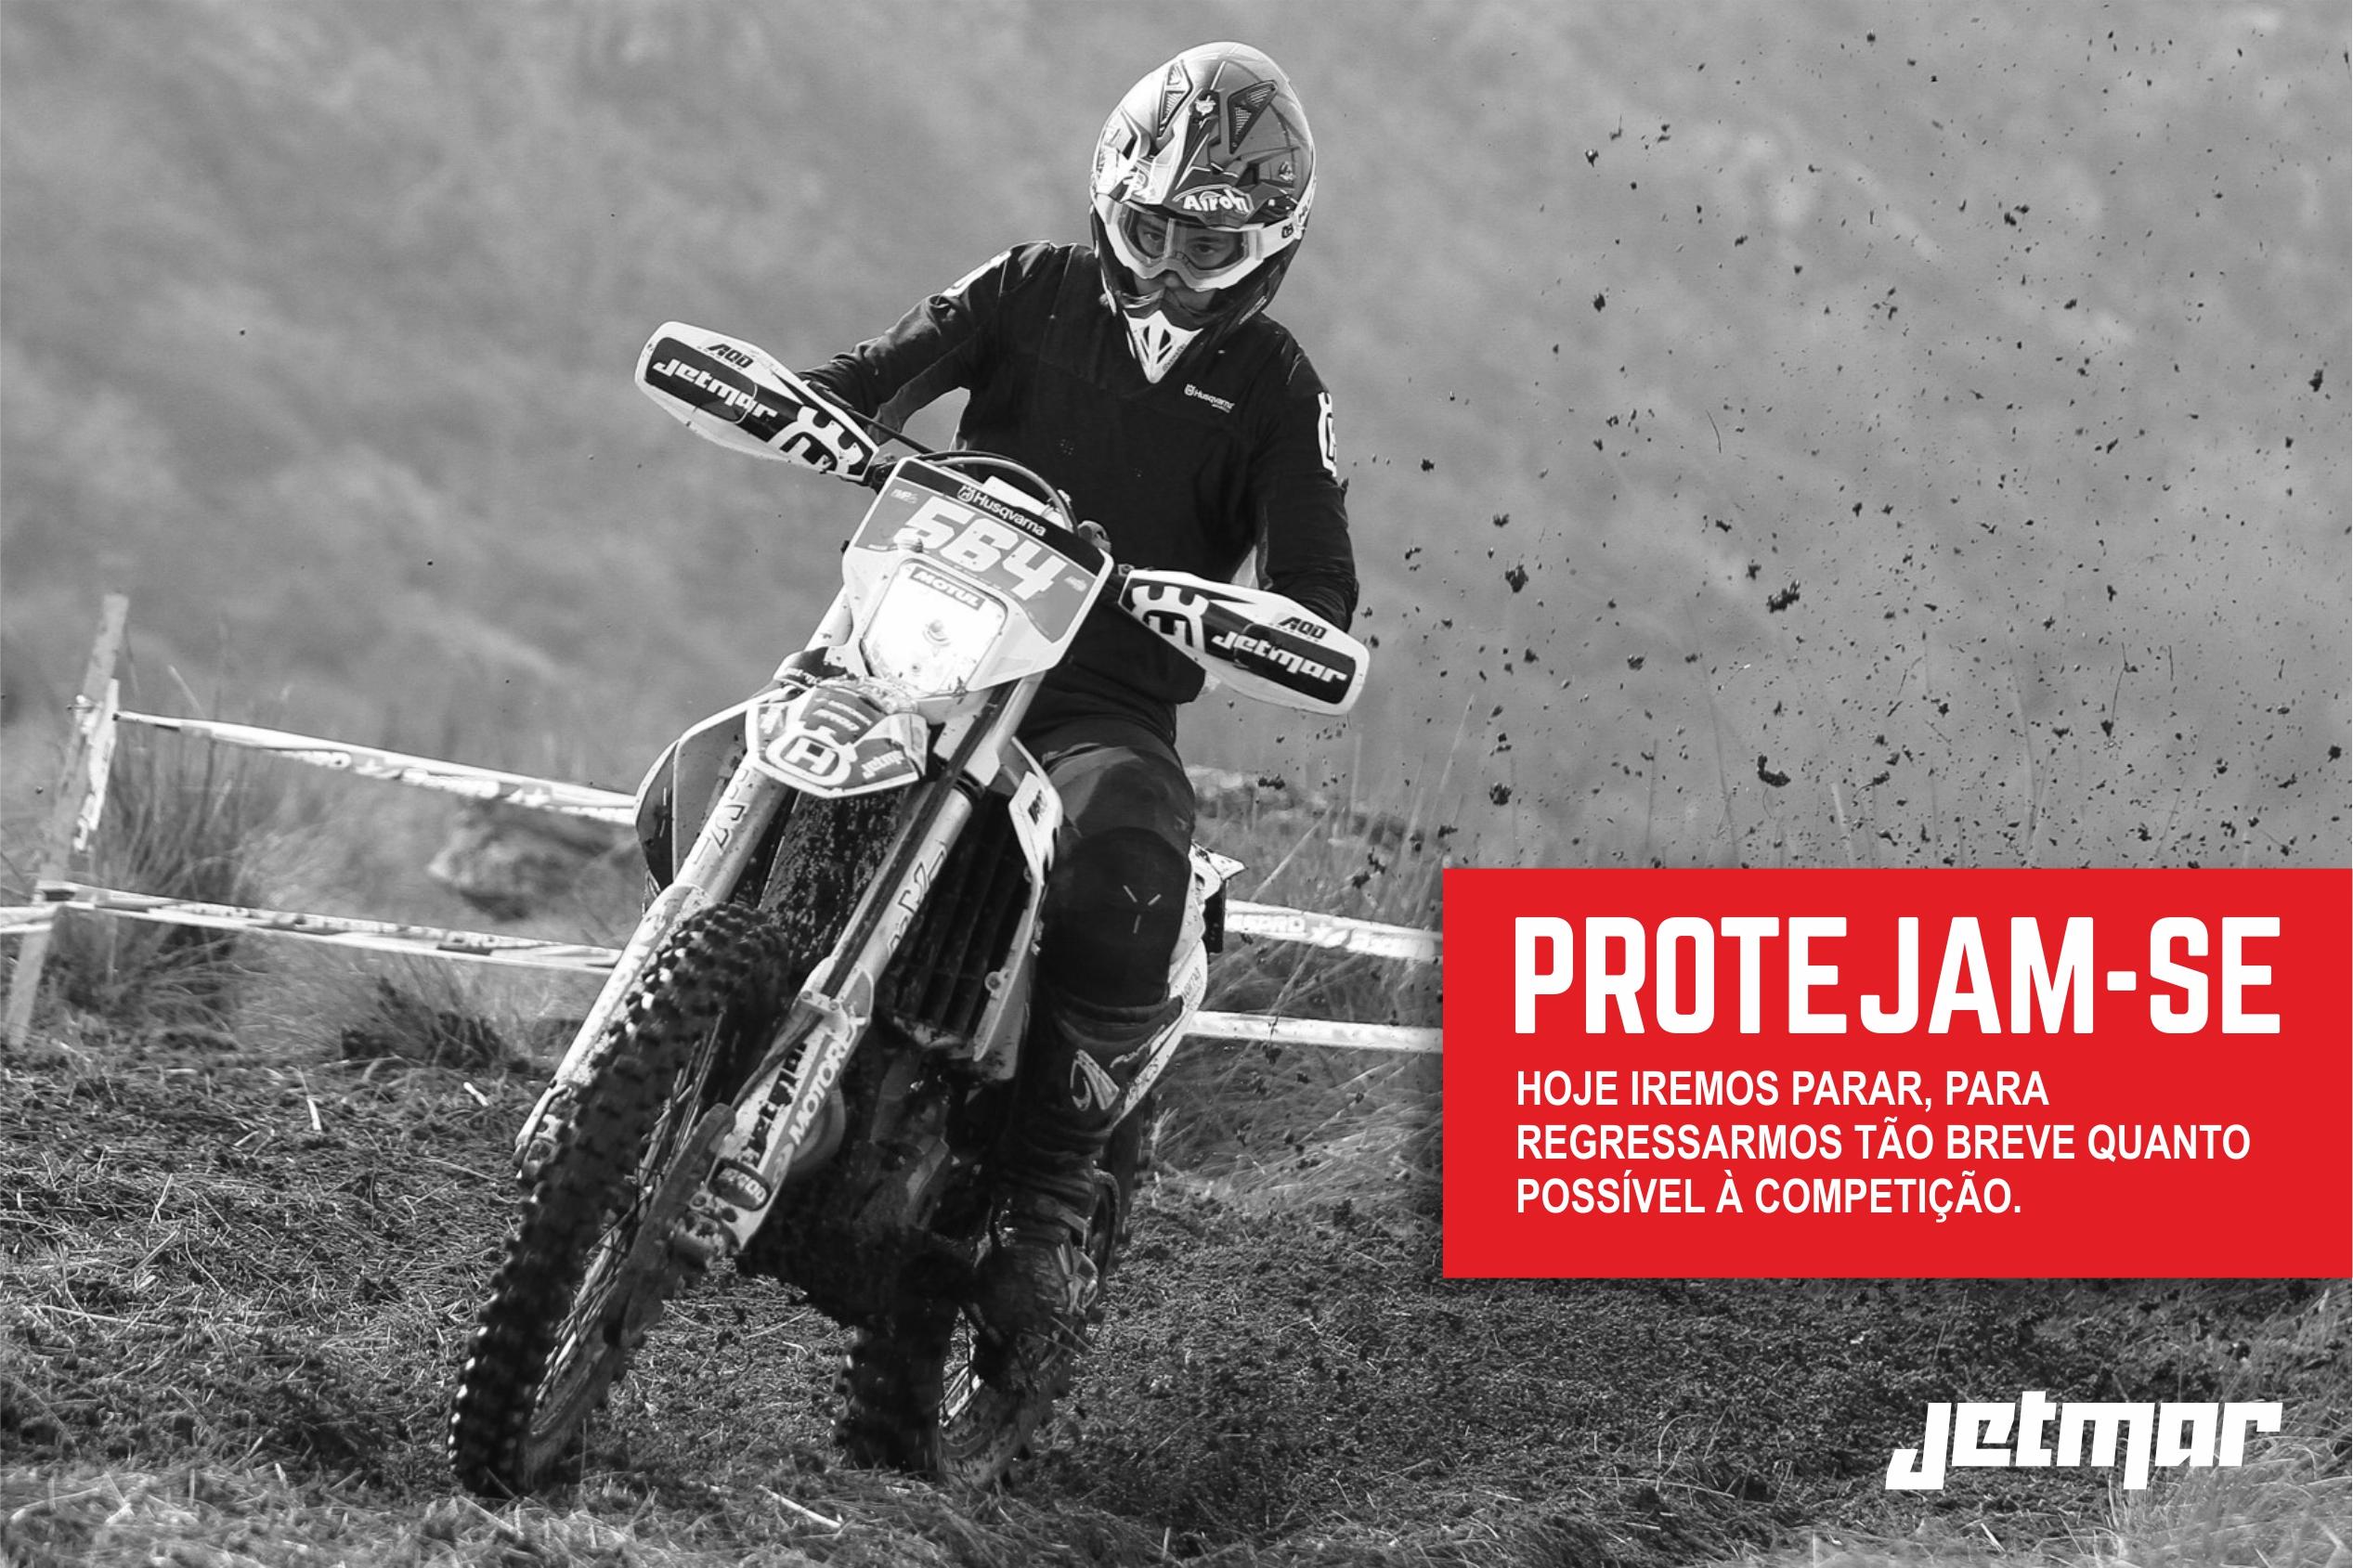 Team Jetmar proíbe treinos de mota